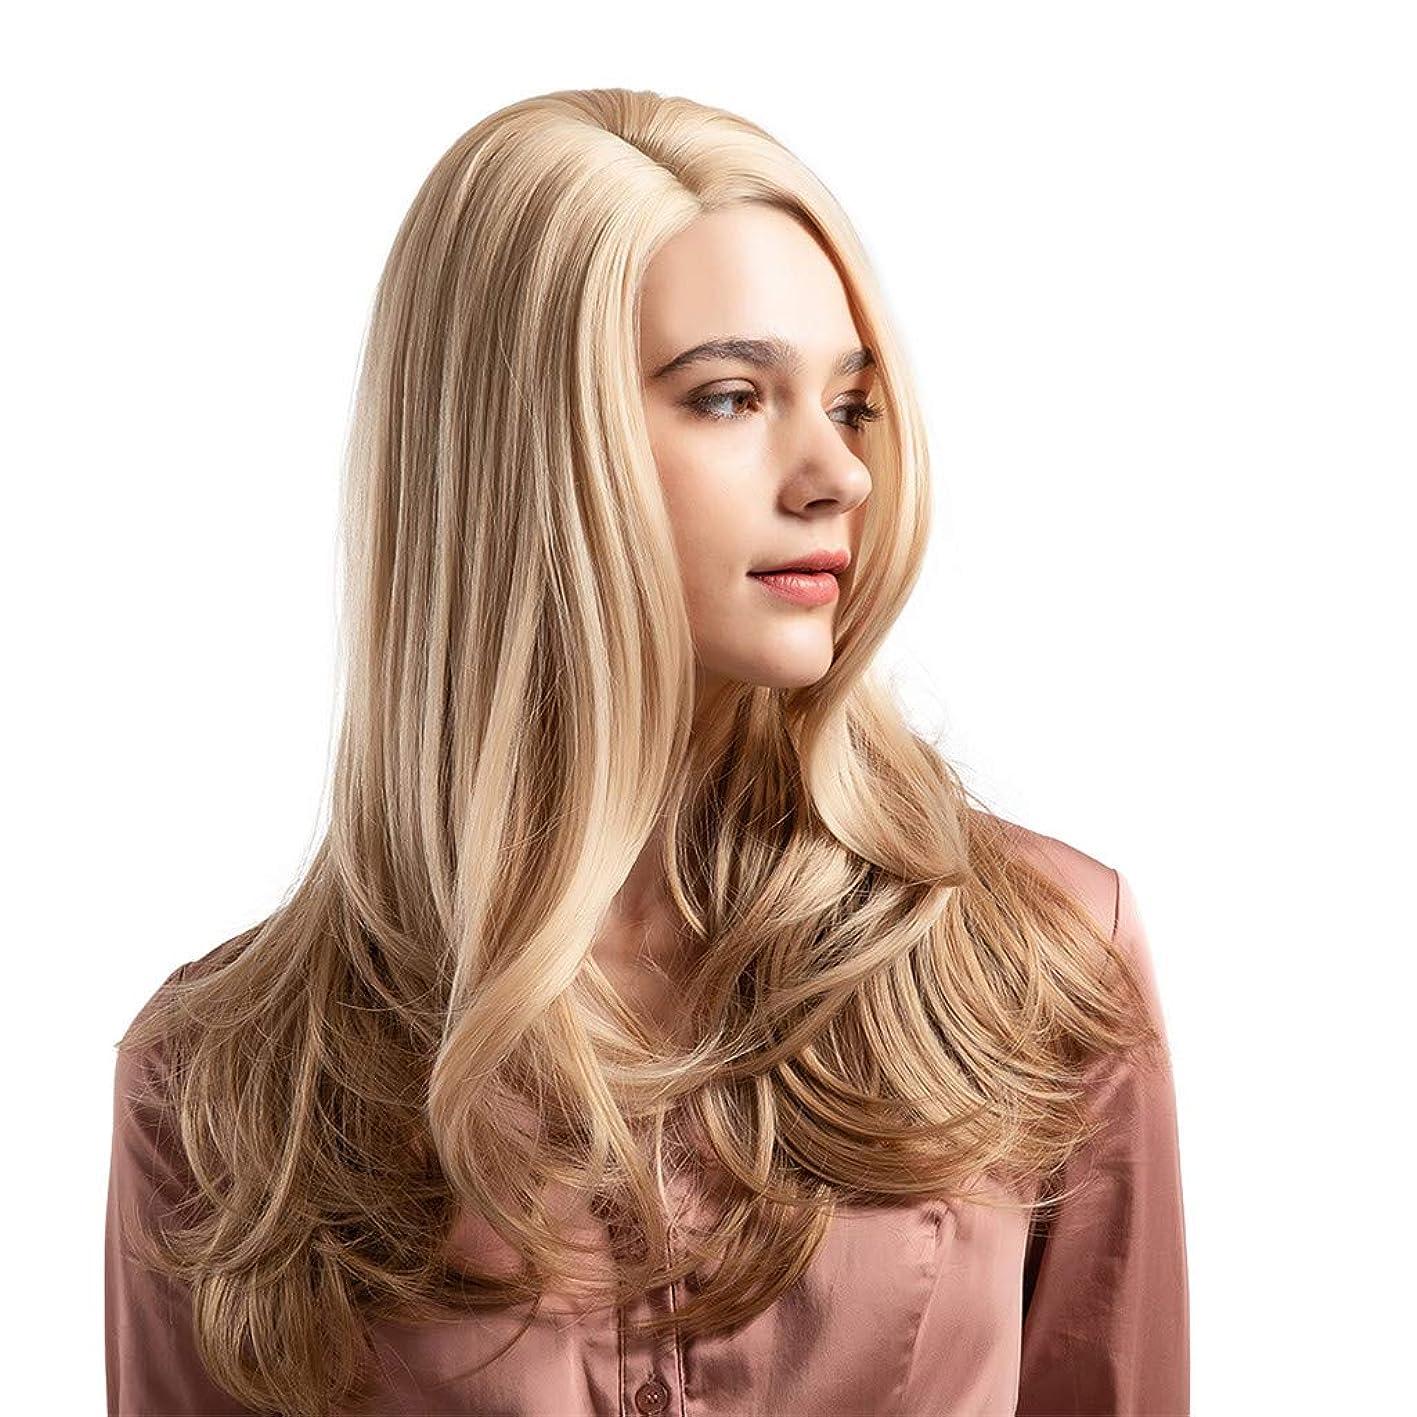 腹部プレゼント申請者ウィッグ女性黄金の大きな波状の巻き毛の高温シルクウィッグ22インチ